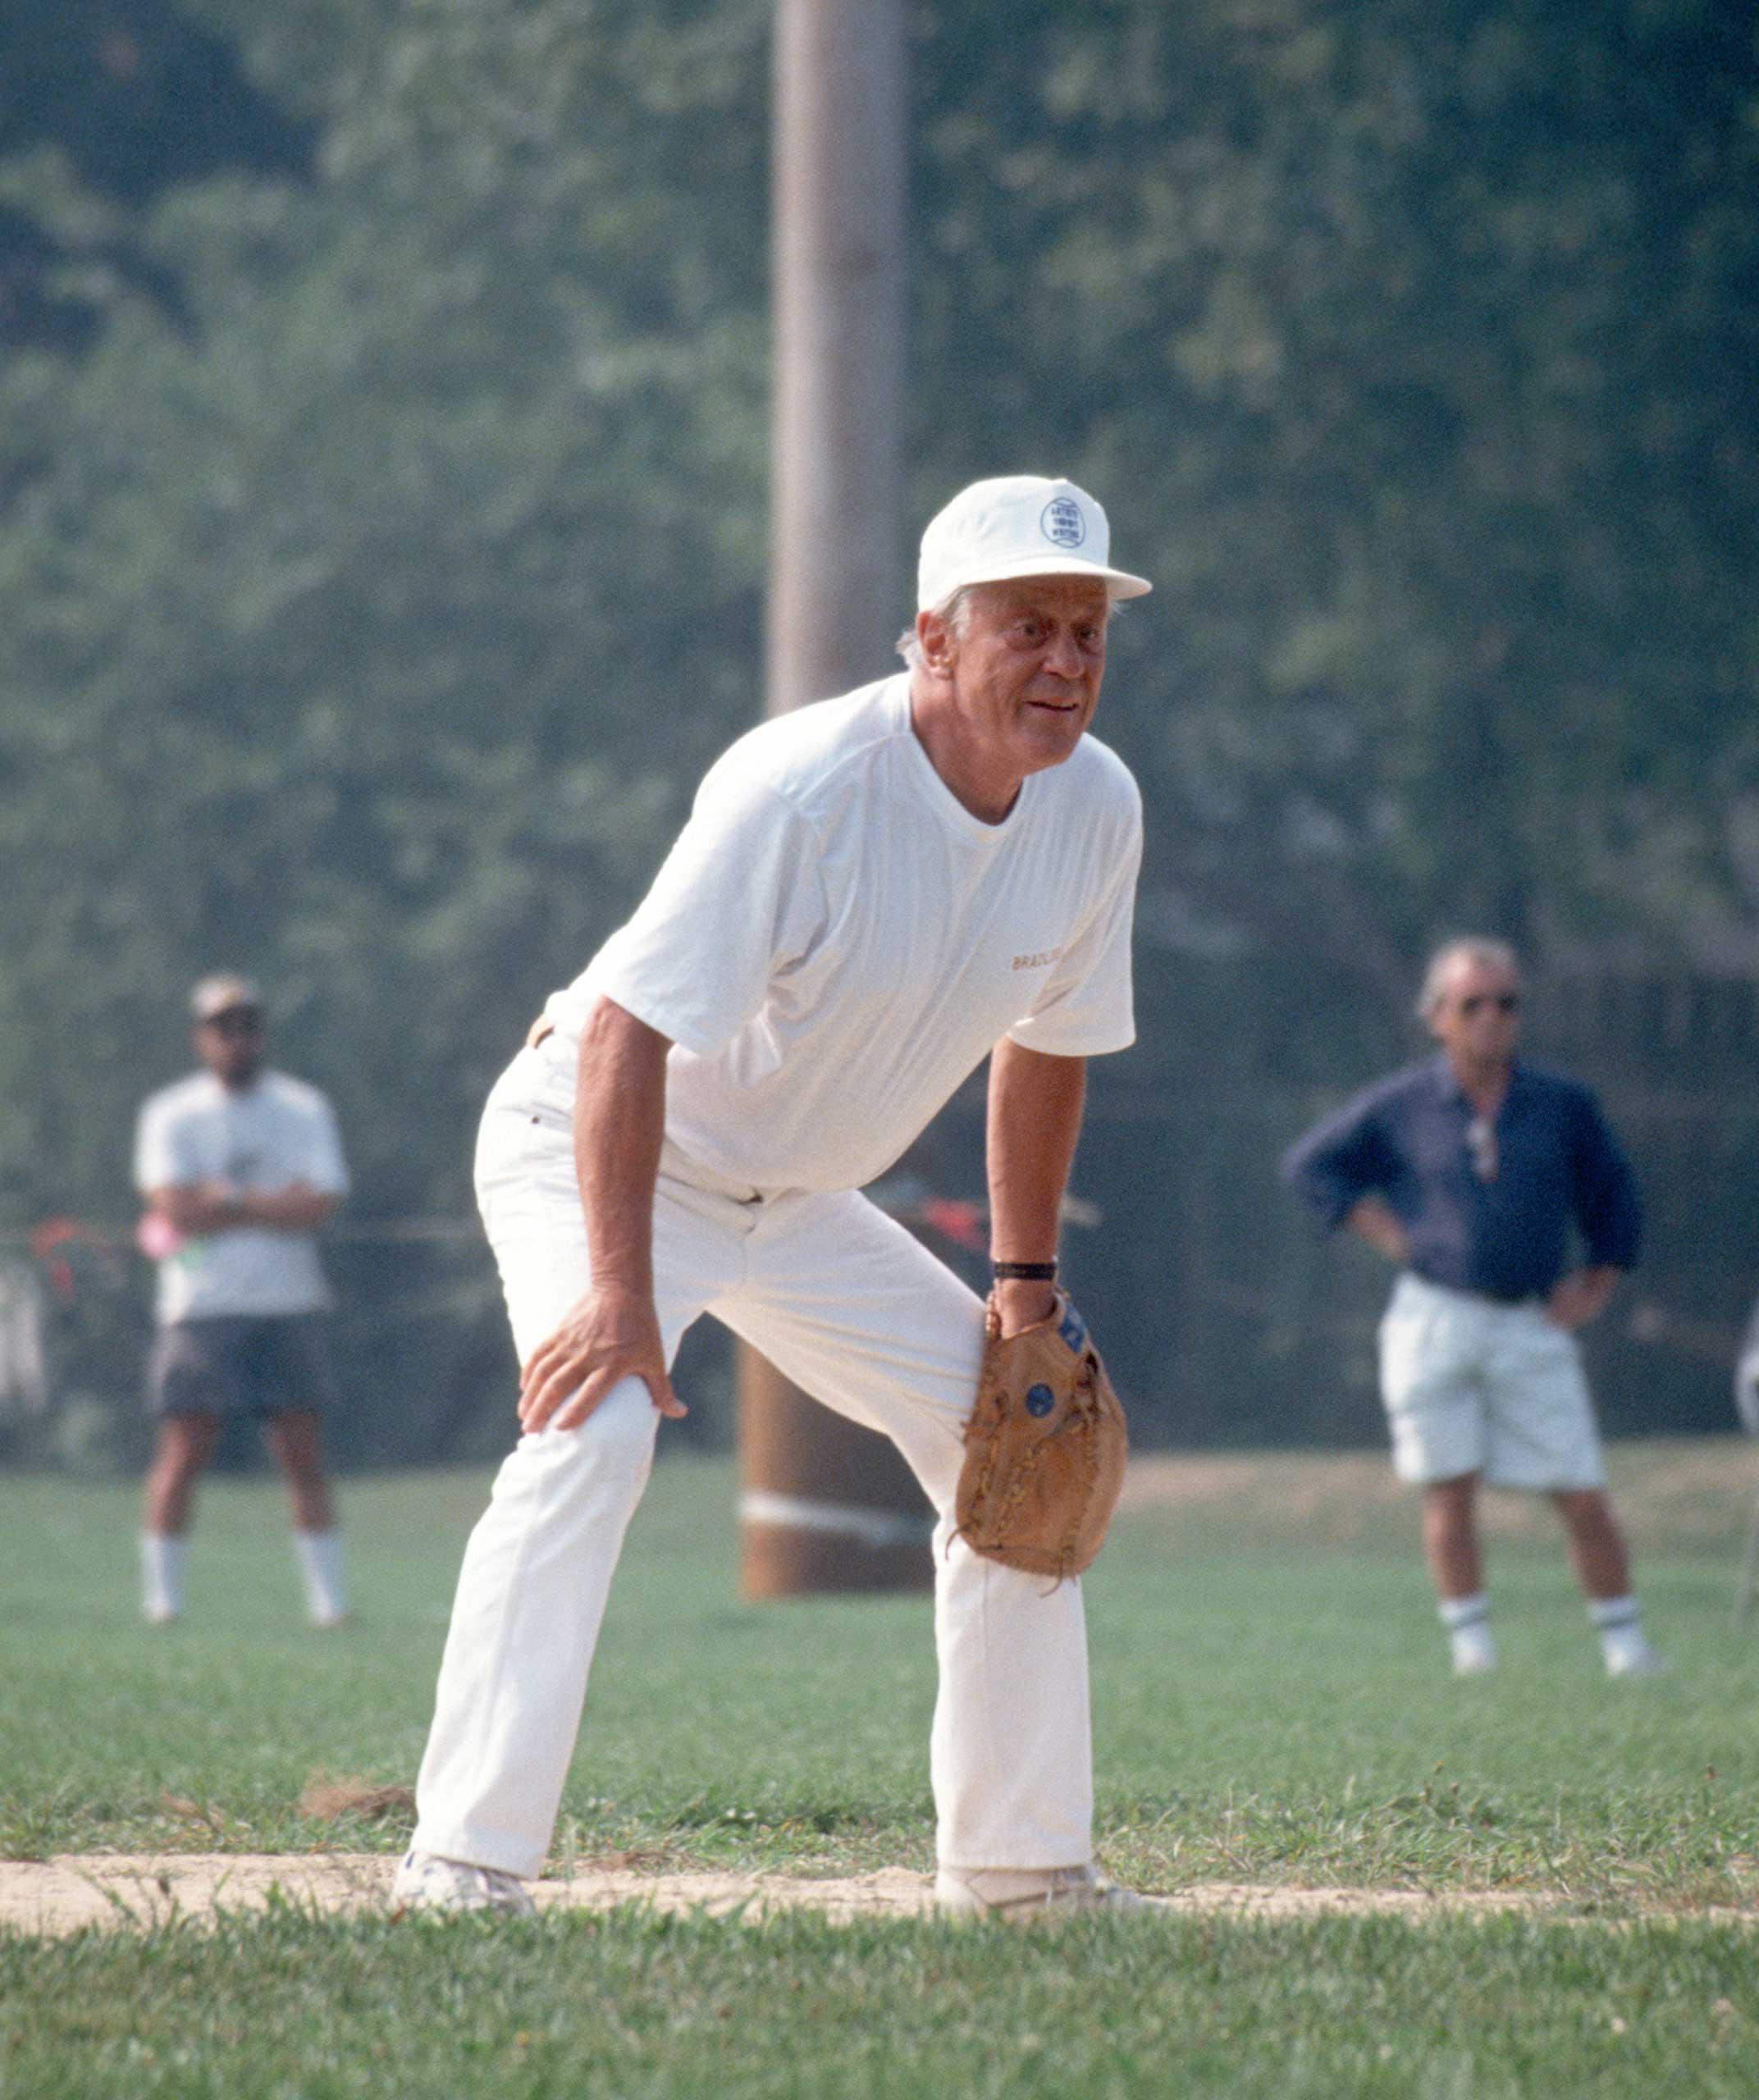 Benjamin Bradlee during the 1991 Writers Vs. Artists softball game in East Hampton, N.Y., on Aug. 17, 1991.